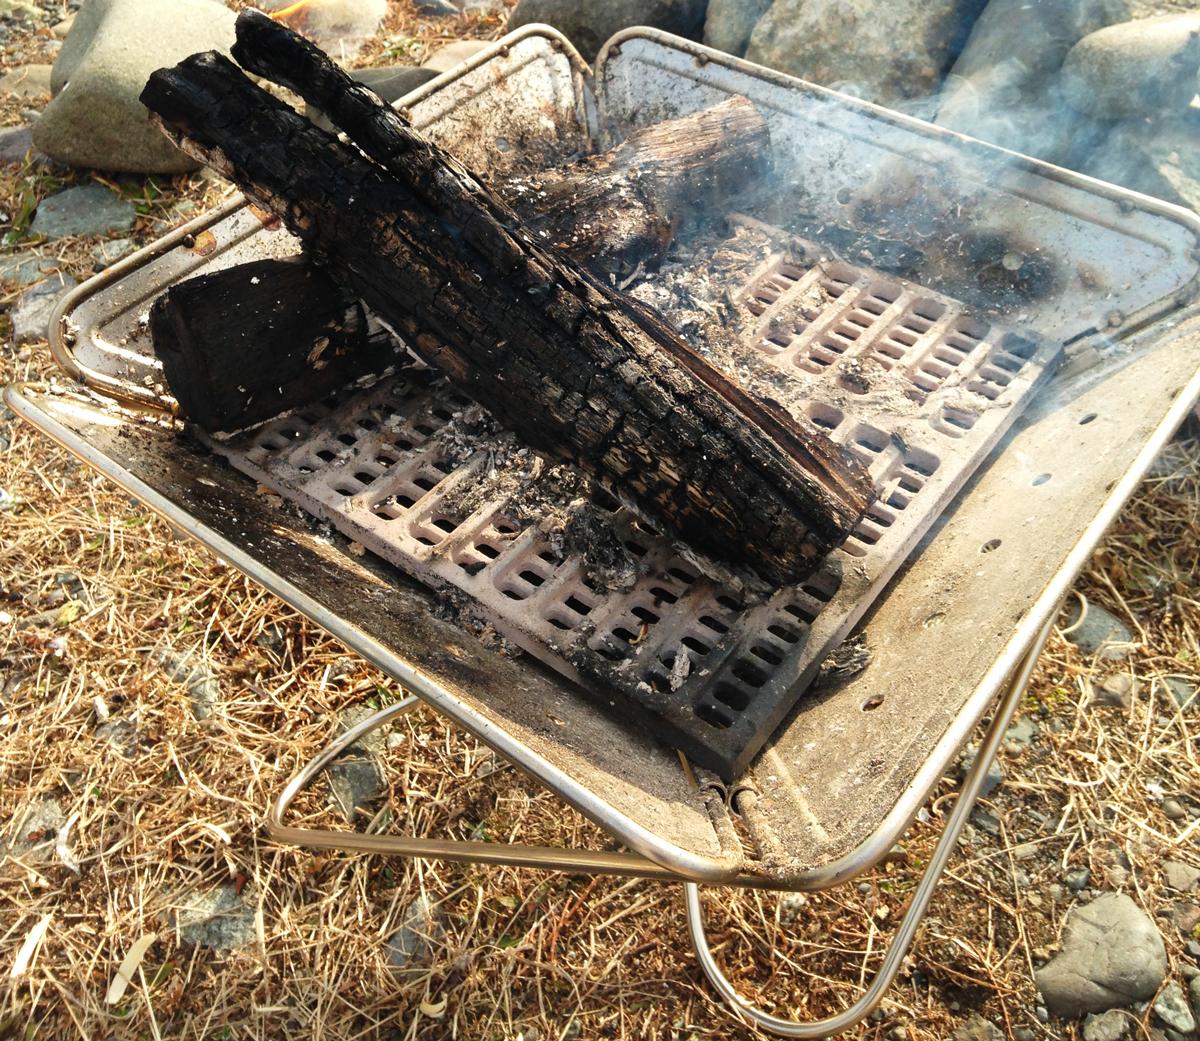 スノーピーク焚き火台Lと薪クラブのナラ薪